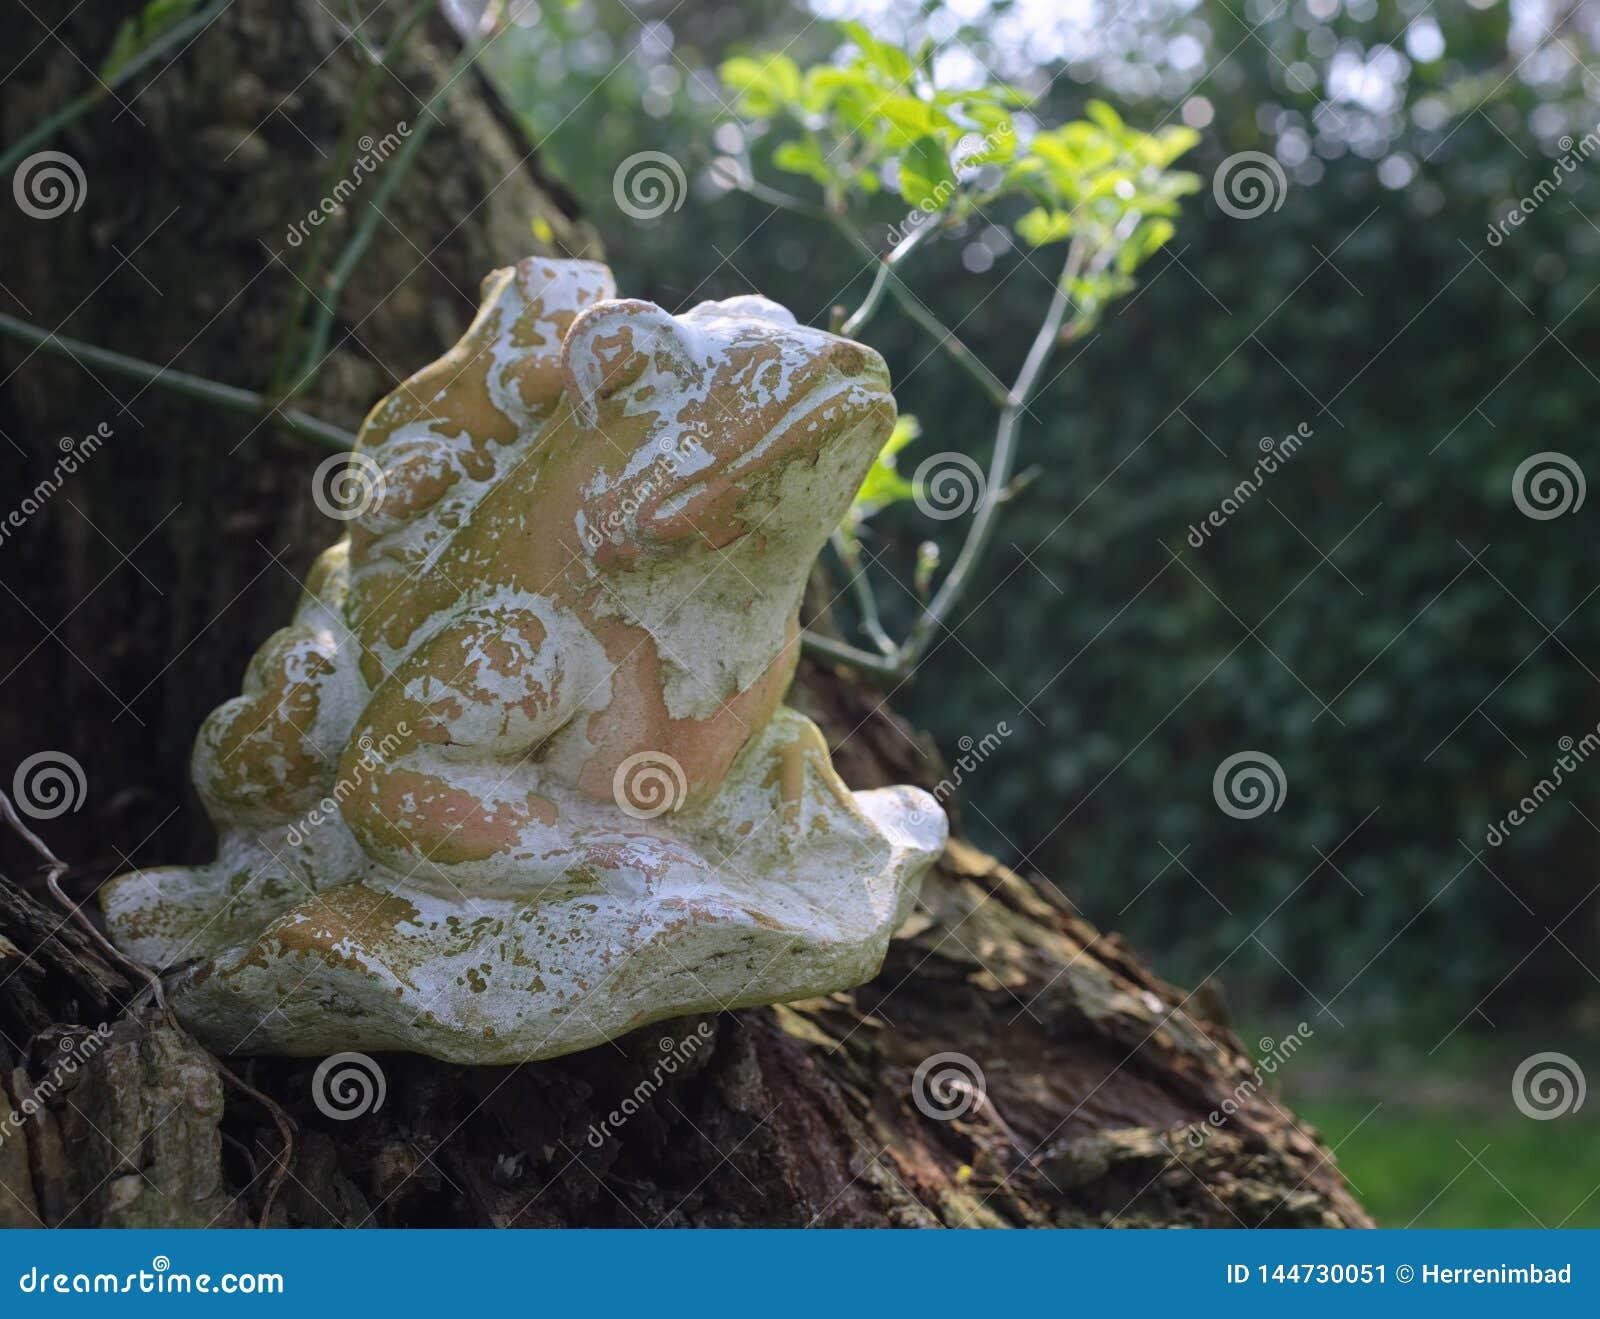 青蛙由黏土制成